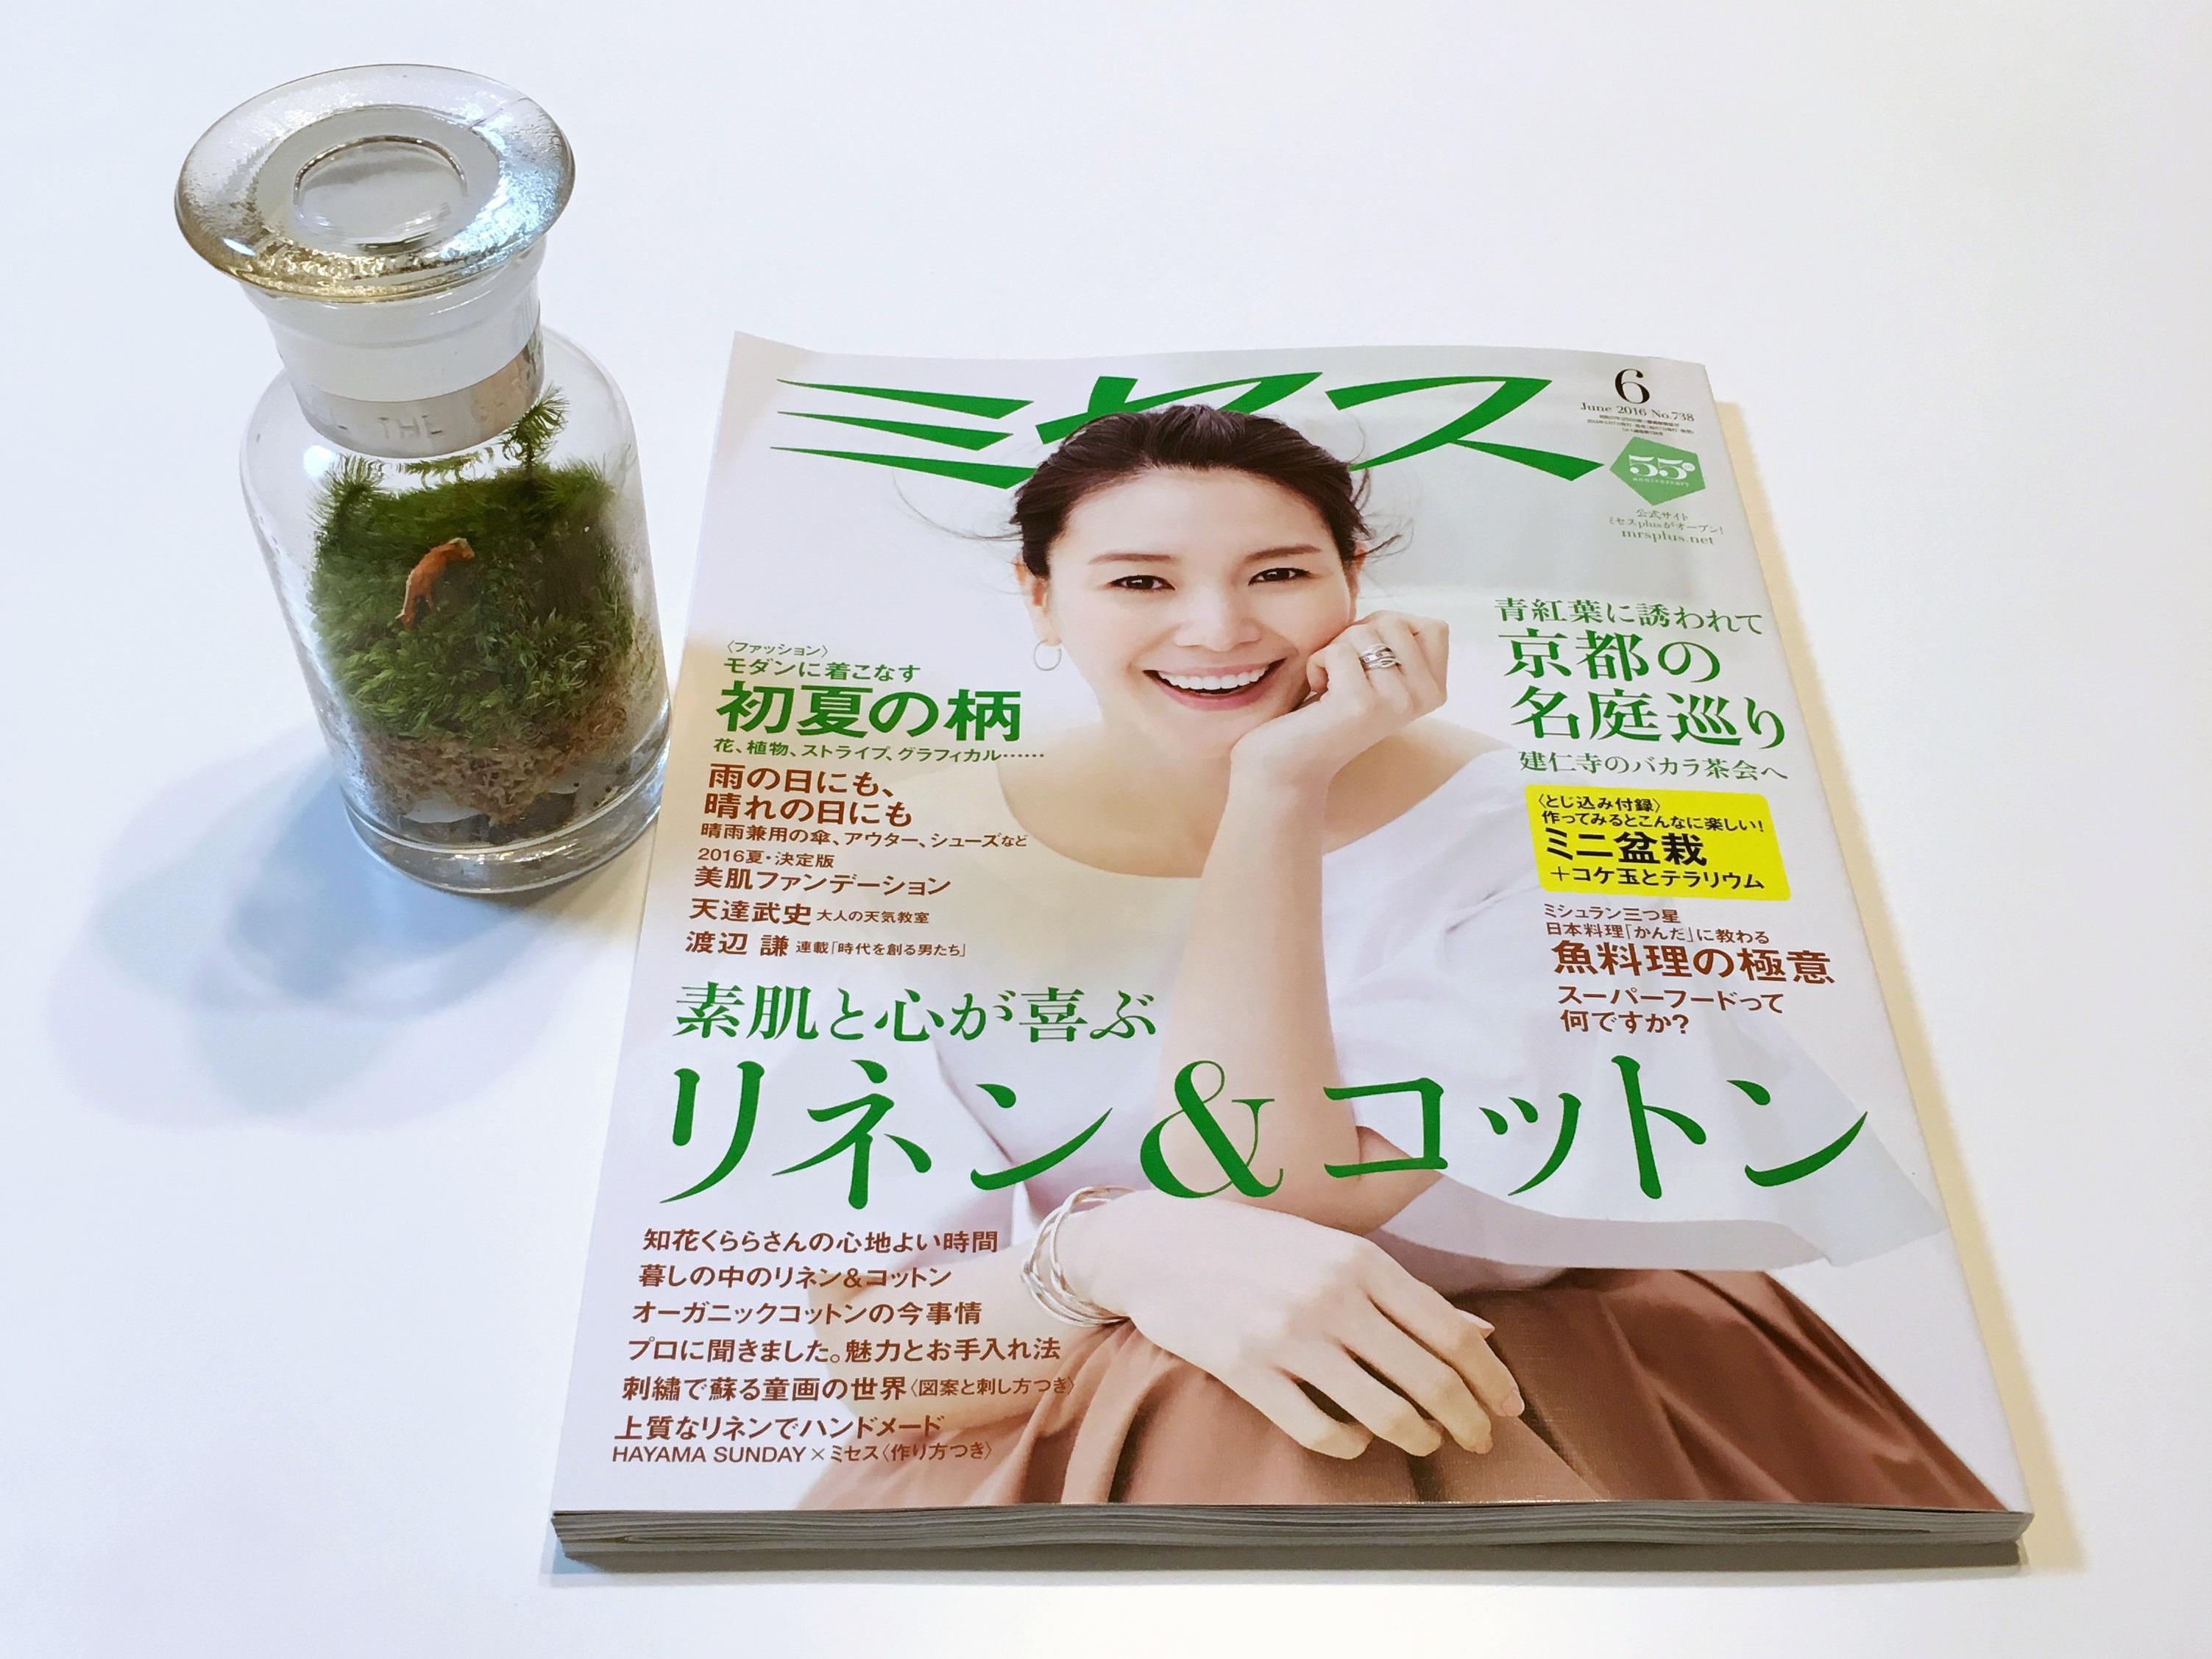 月刊誌ミセス6月号へFeel The Garden苔のテラリウムを掲載頂きました。